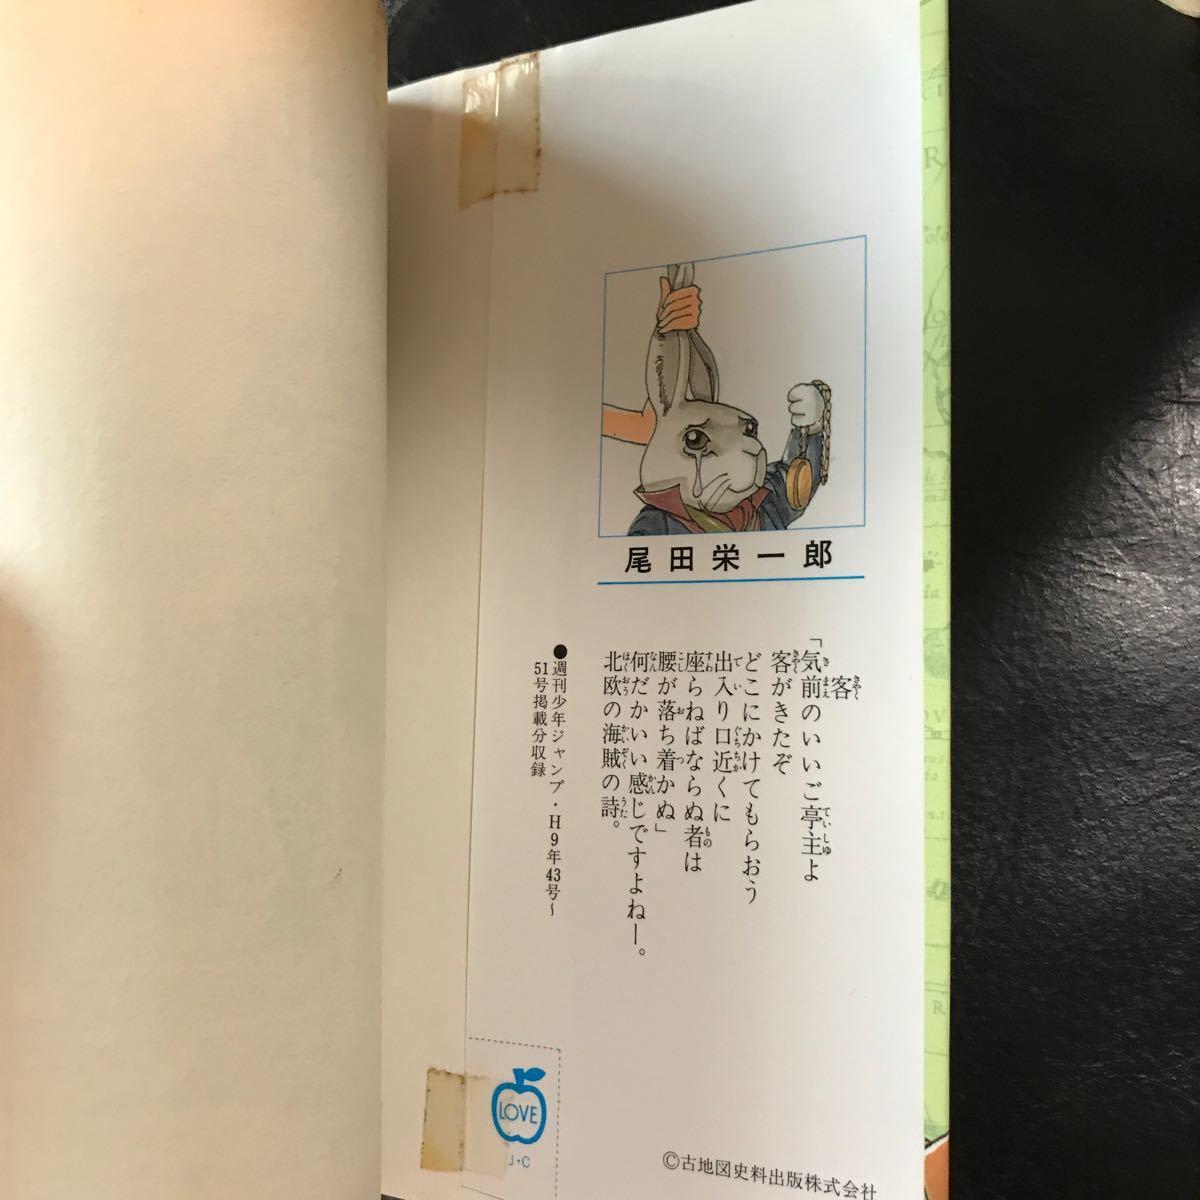 ワンピース★尾田栄一郎★ジャンプコミック★ONE PEACE★巻1〜20セット★おだえいいちろう★JUMP comics漫画マンガ